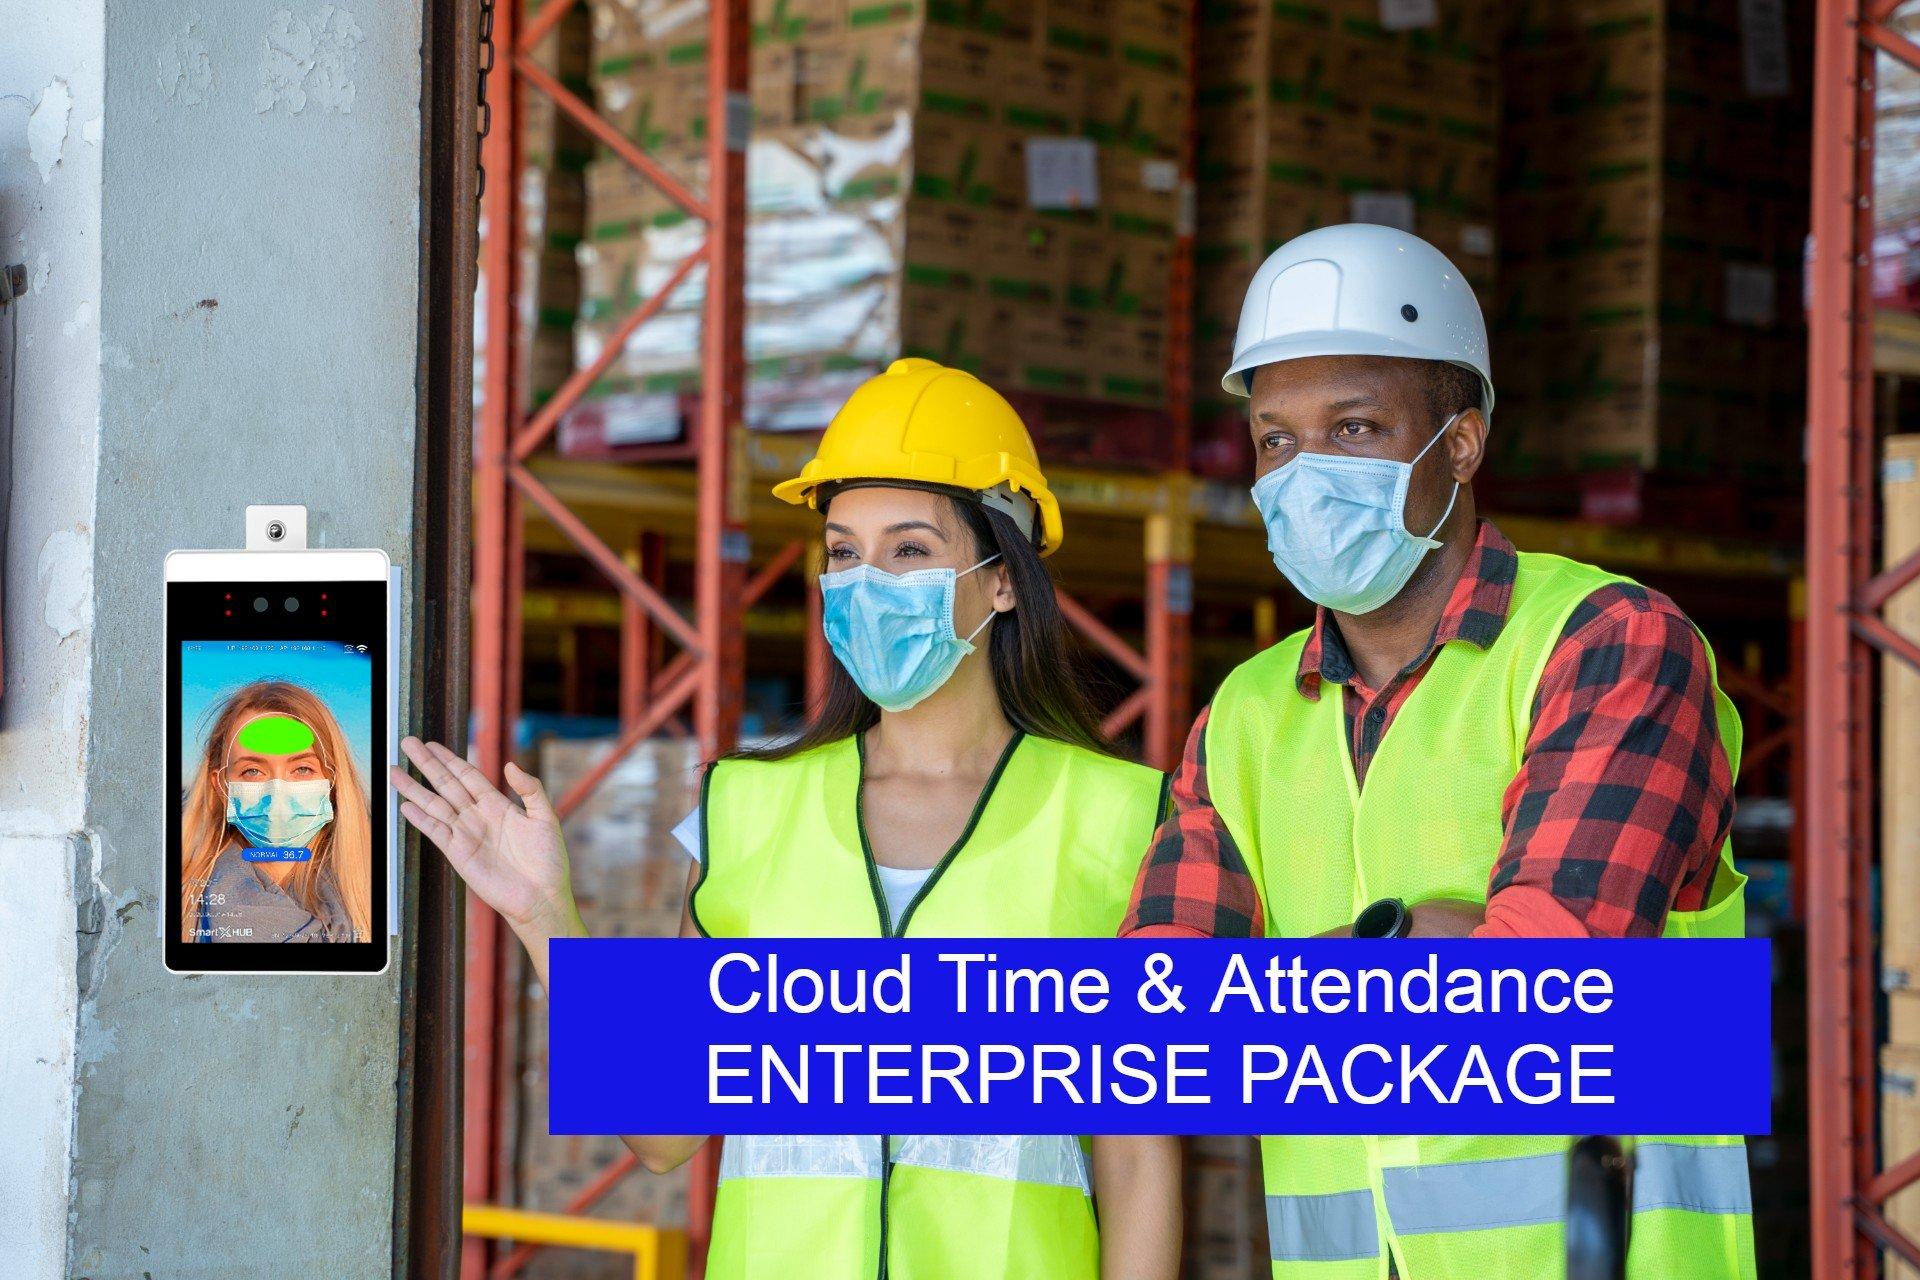 Reconhecimento facial e medição de temperatura no acesso às empresas